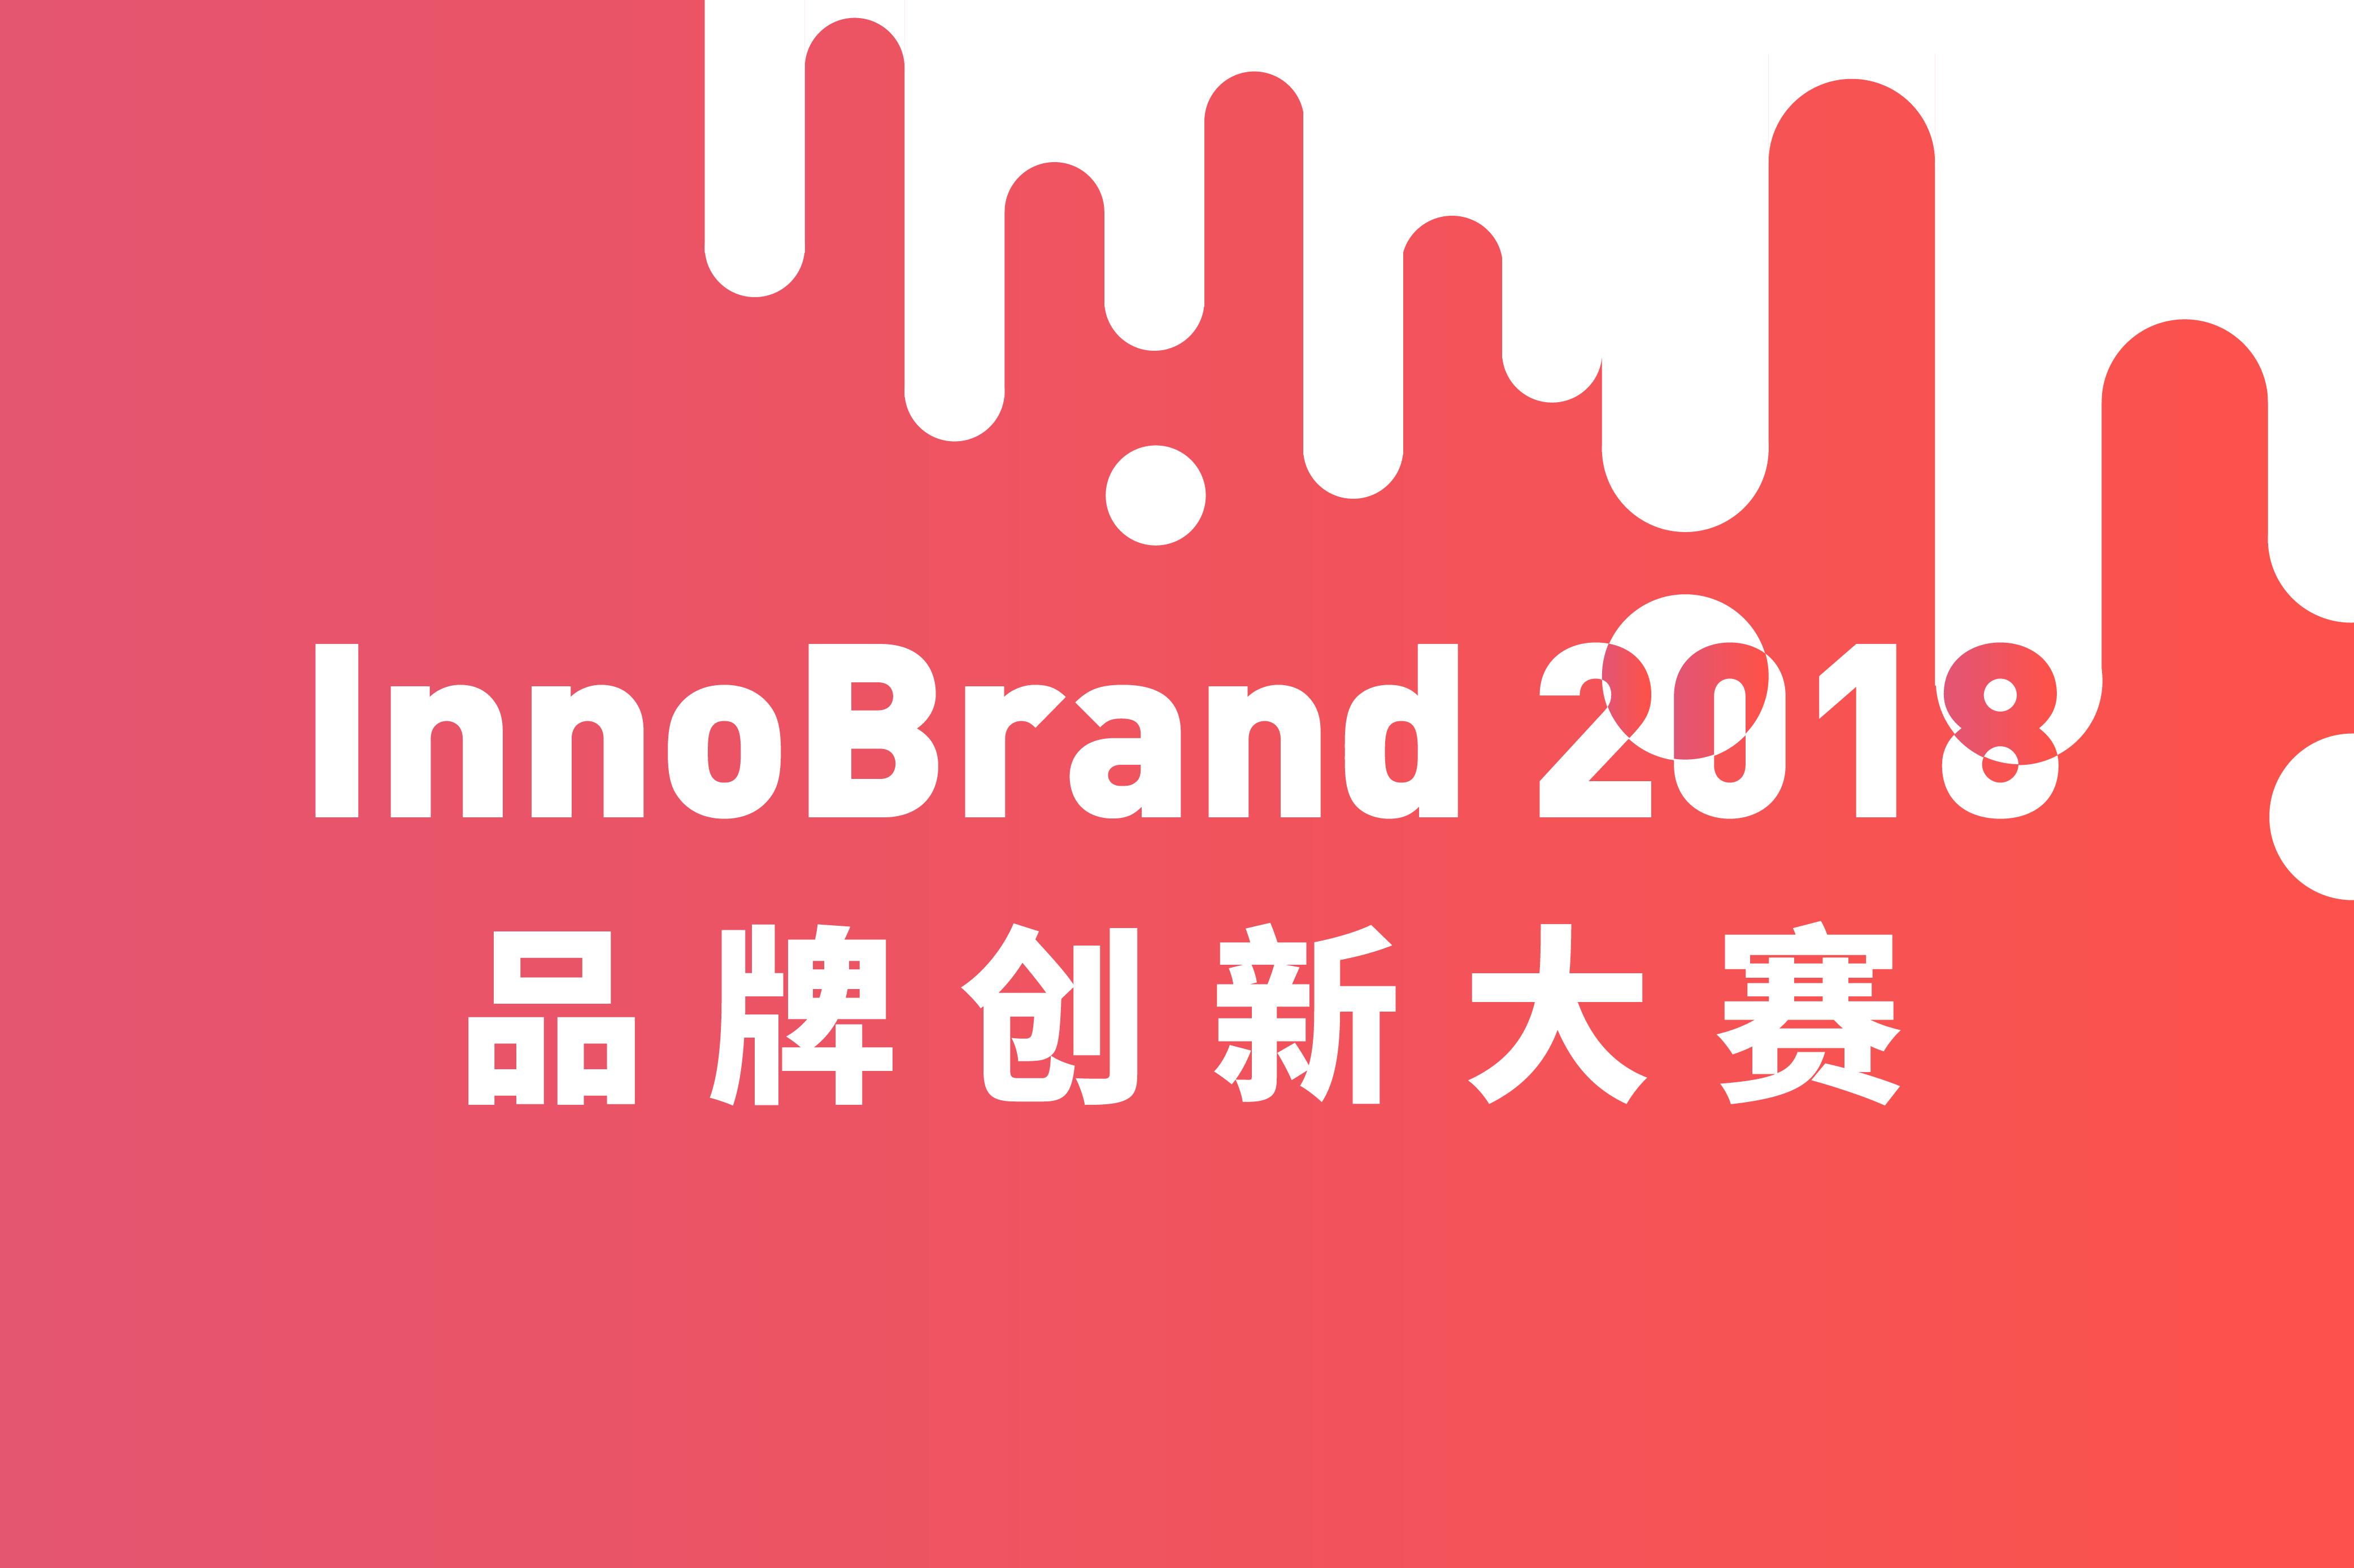 最值得期待的时尚创业群英会!第四届 InnoBrand 品牌创新大赛开启报名